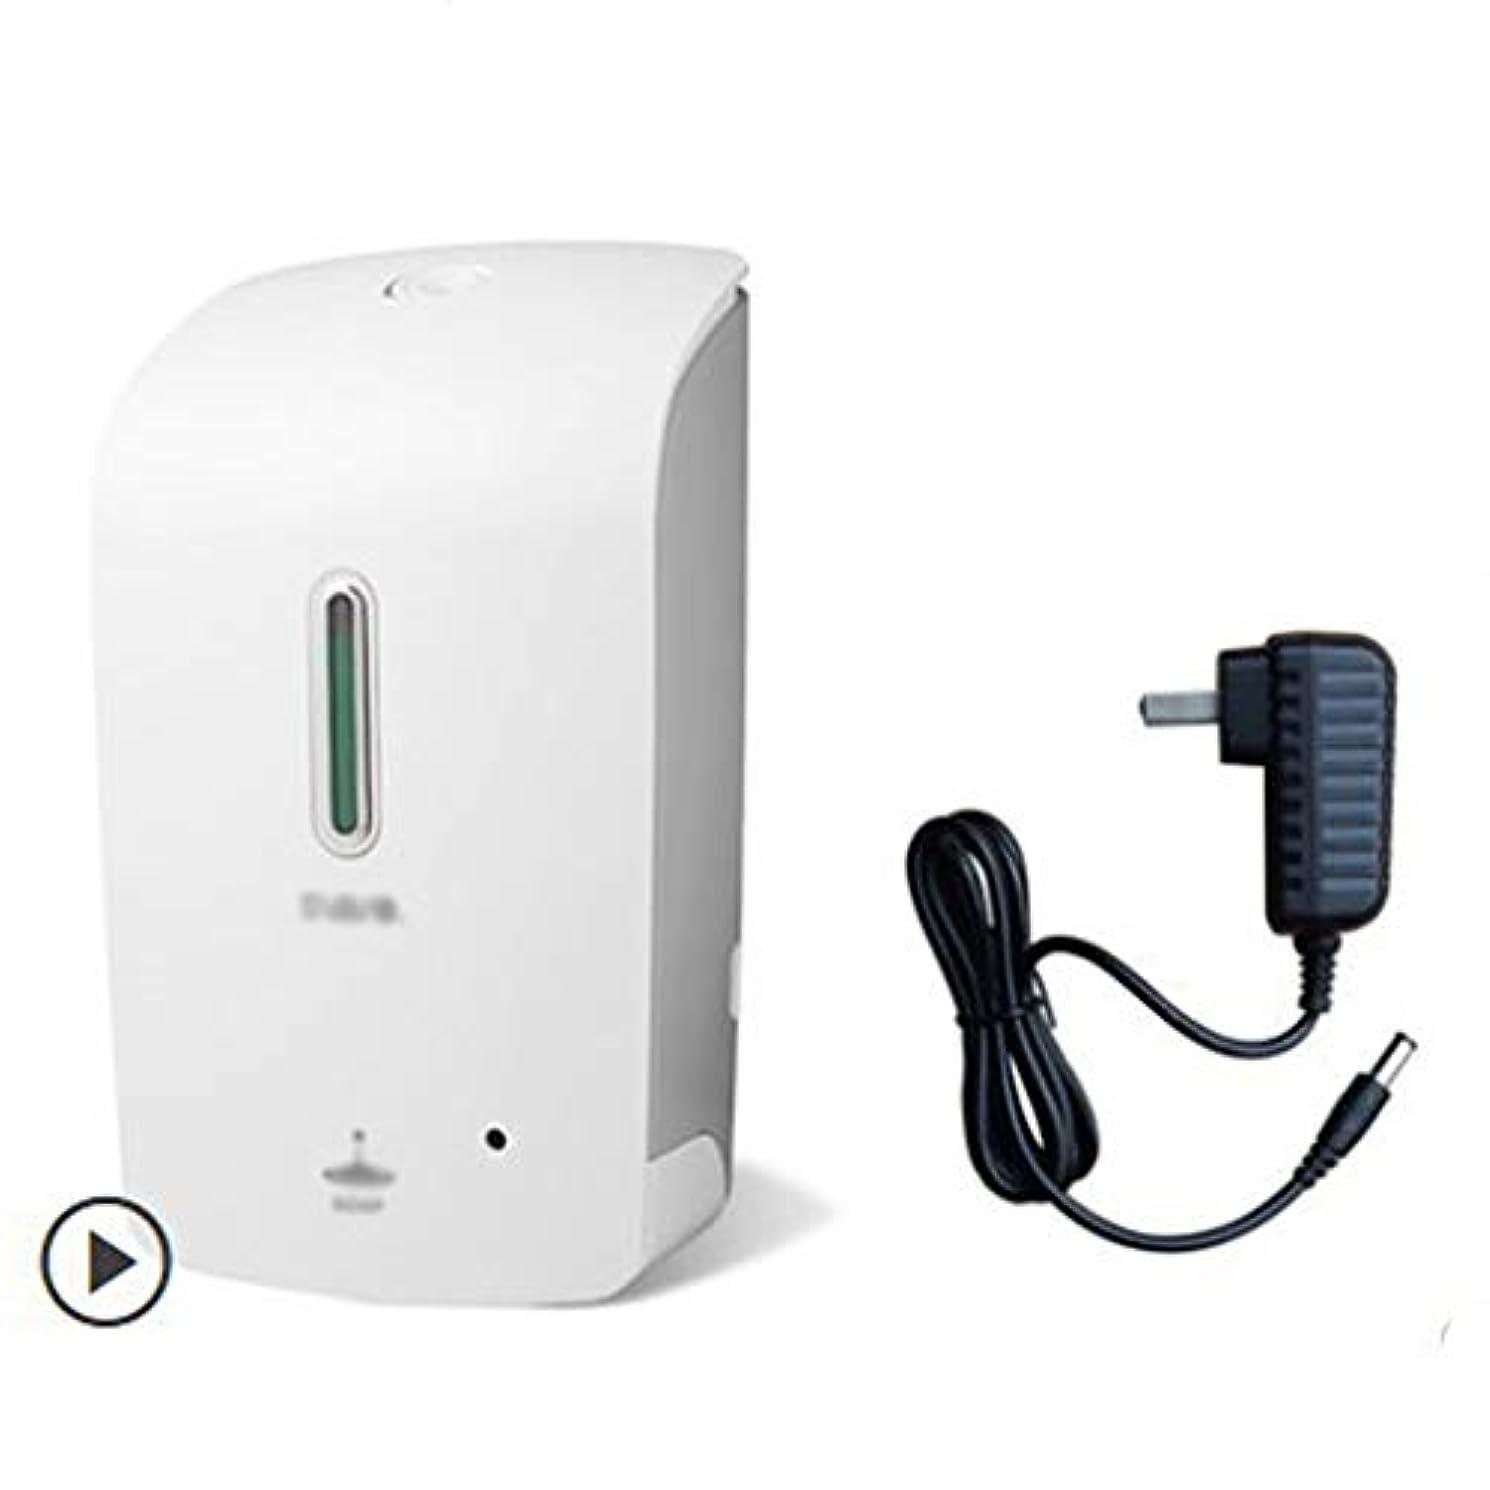 反論静脈ガレージソープディスペンサー ソープディスペンサーを充電1000mlの容量自動センシングソープディスペンサー非接触 ハンドソープ 食器用洗剤 キッチン 洗面所などに適用 (Color : White, Size : One size)